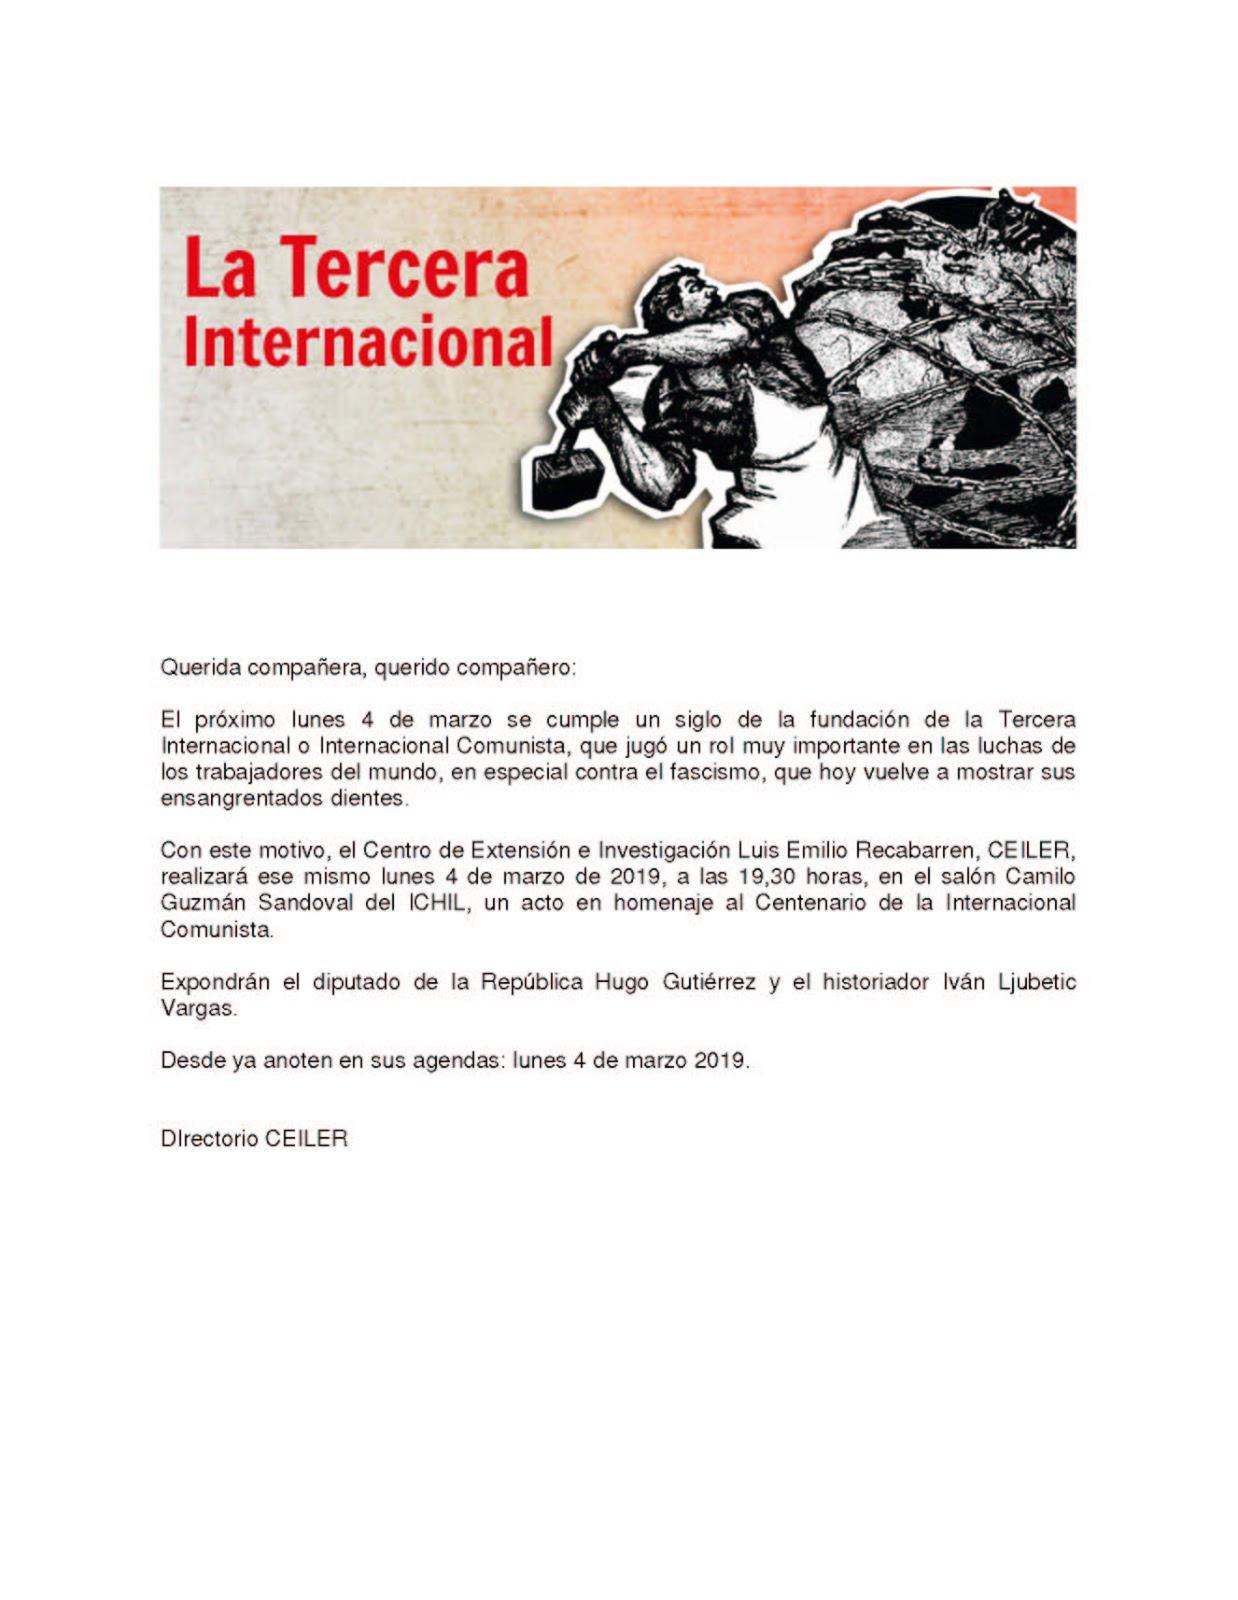 INVITACIÓN CEILER. Centenario de la Internacional Comunista